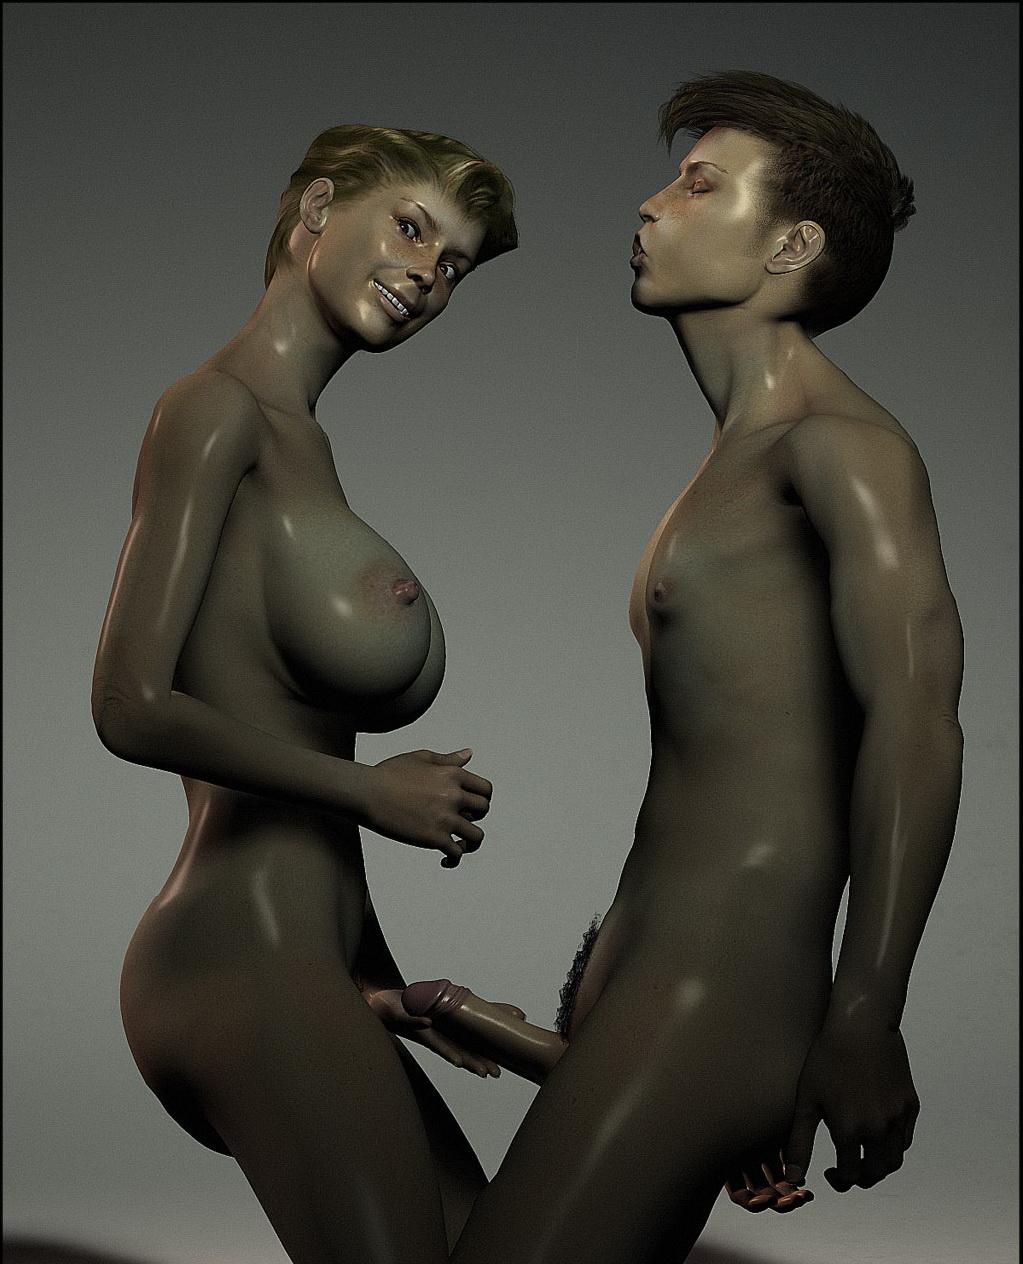 3danimation pornps nackt pics sexual clip